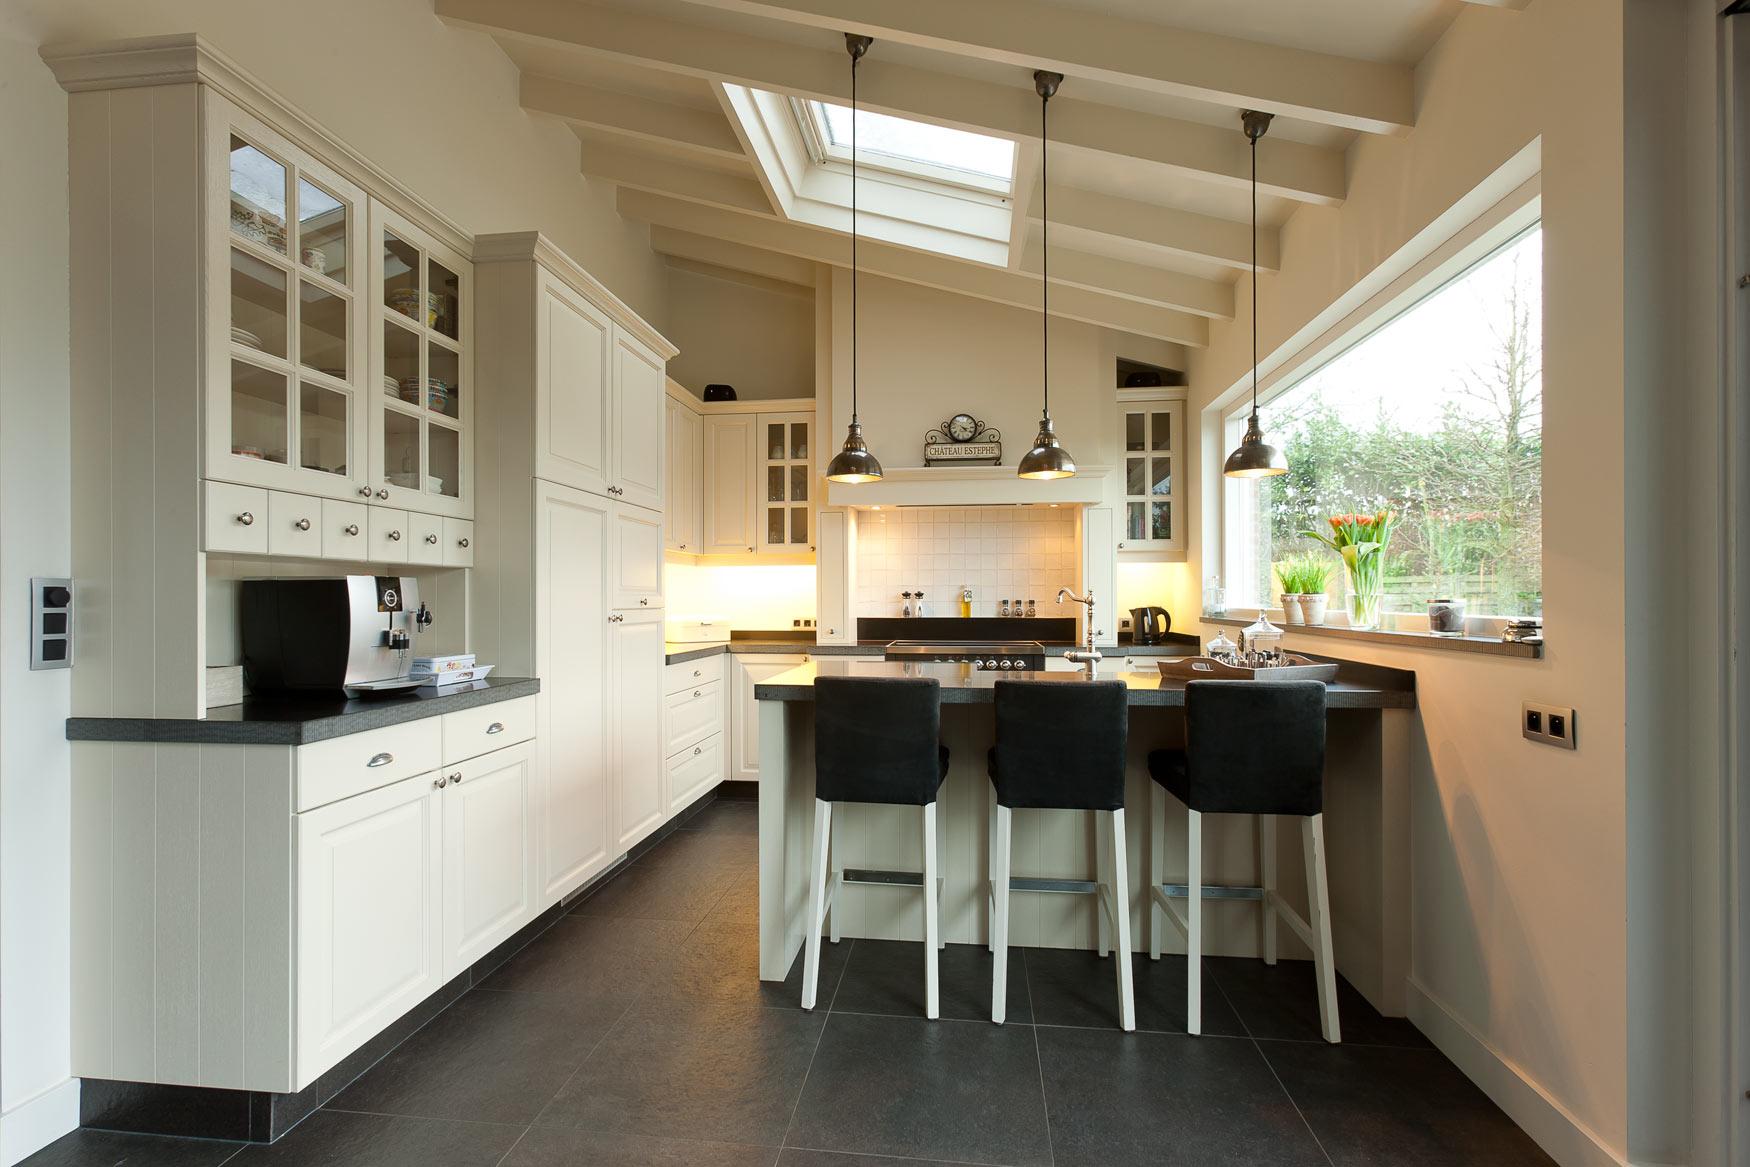 keukens : Nijhof Interieurmakers u2013 Interieurbouw ...